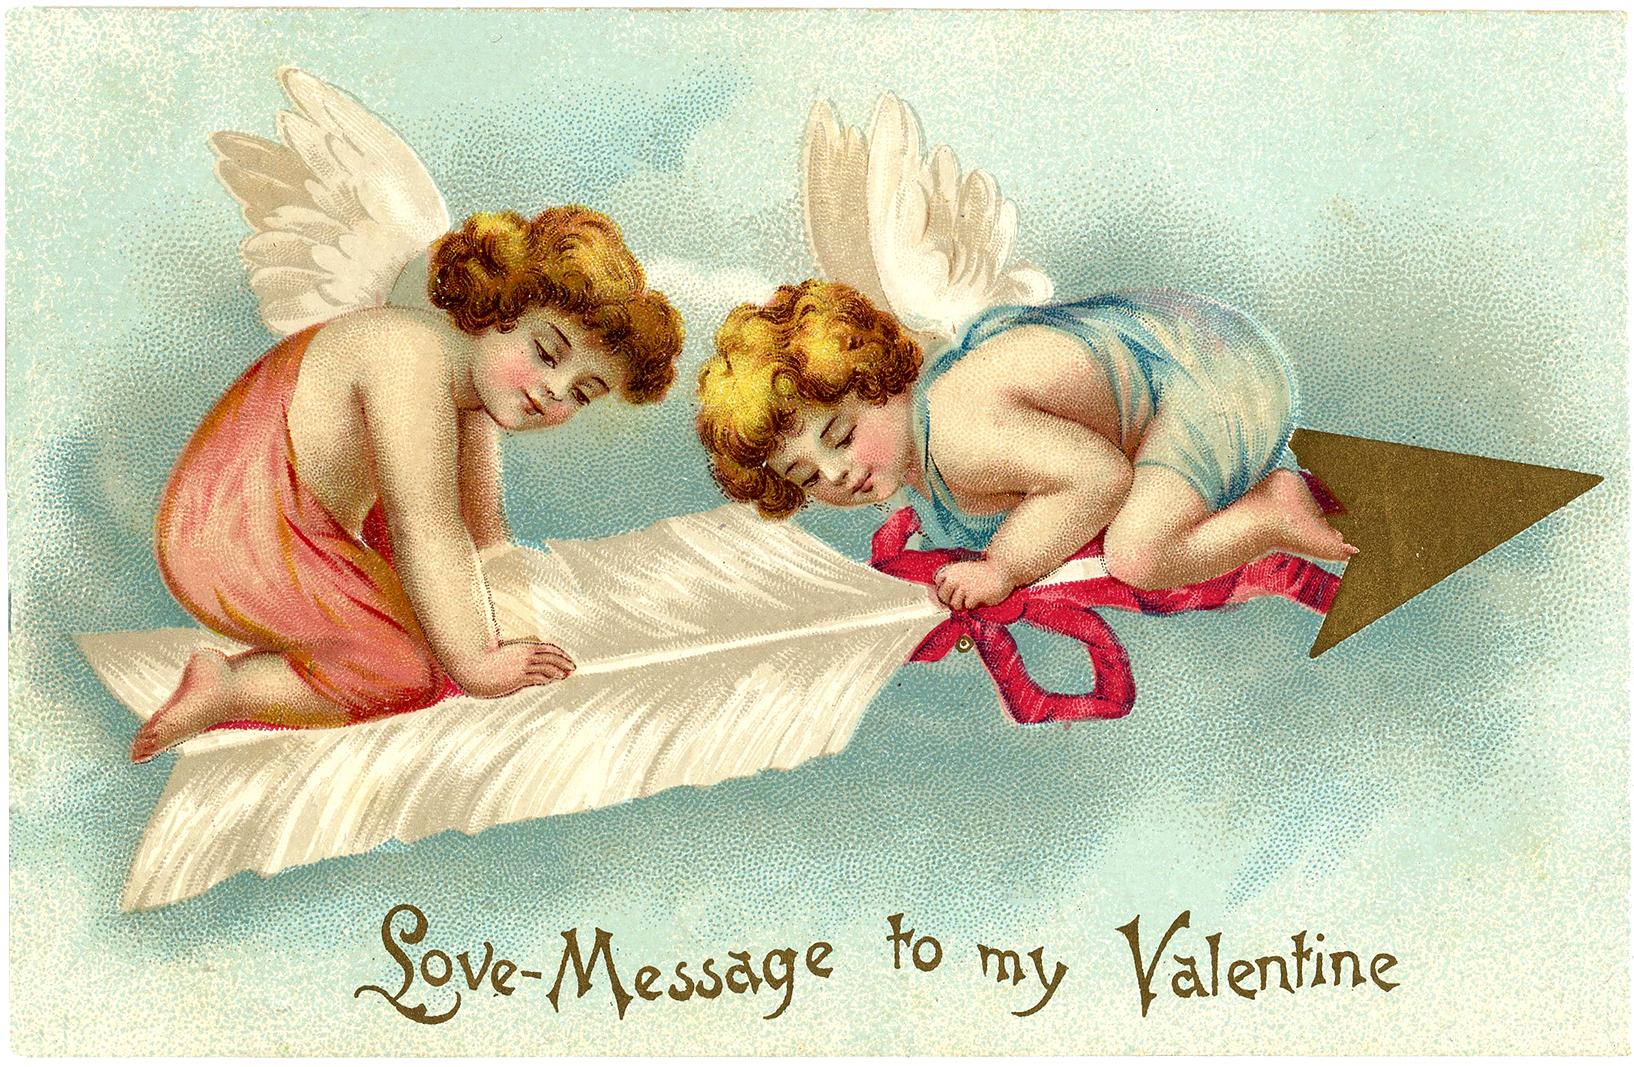 Любовь ангелочки открытки цветочки и вместе на крыше курить, открытки онлайн